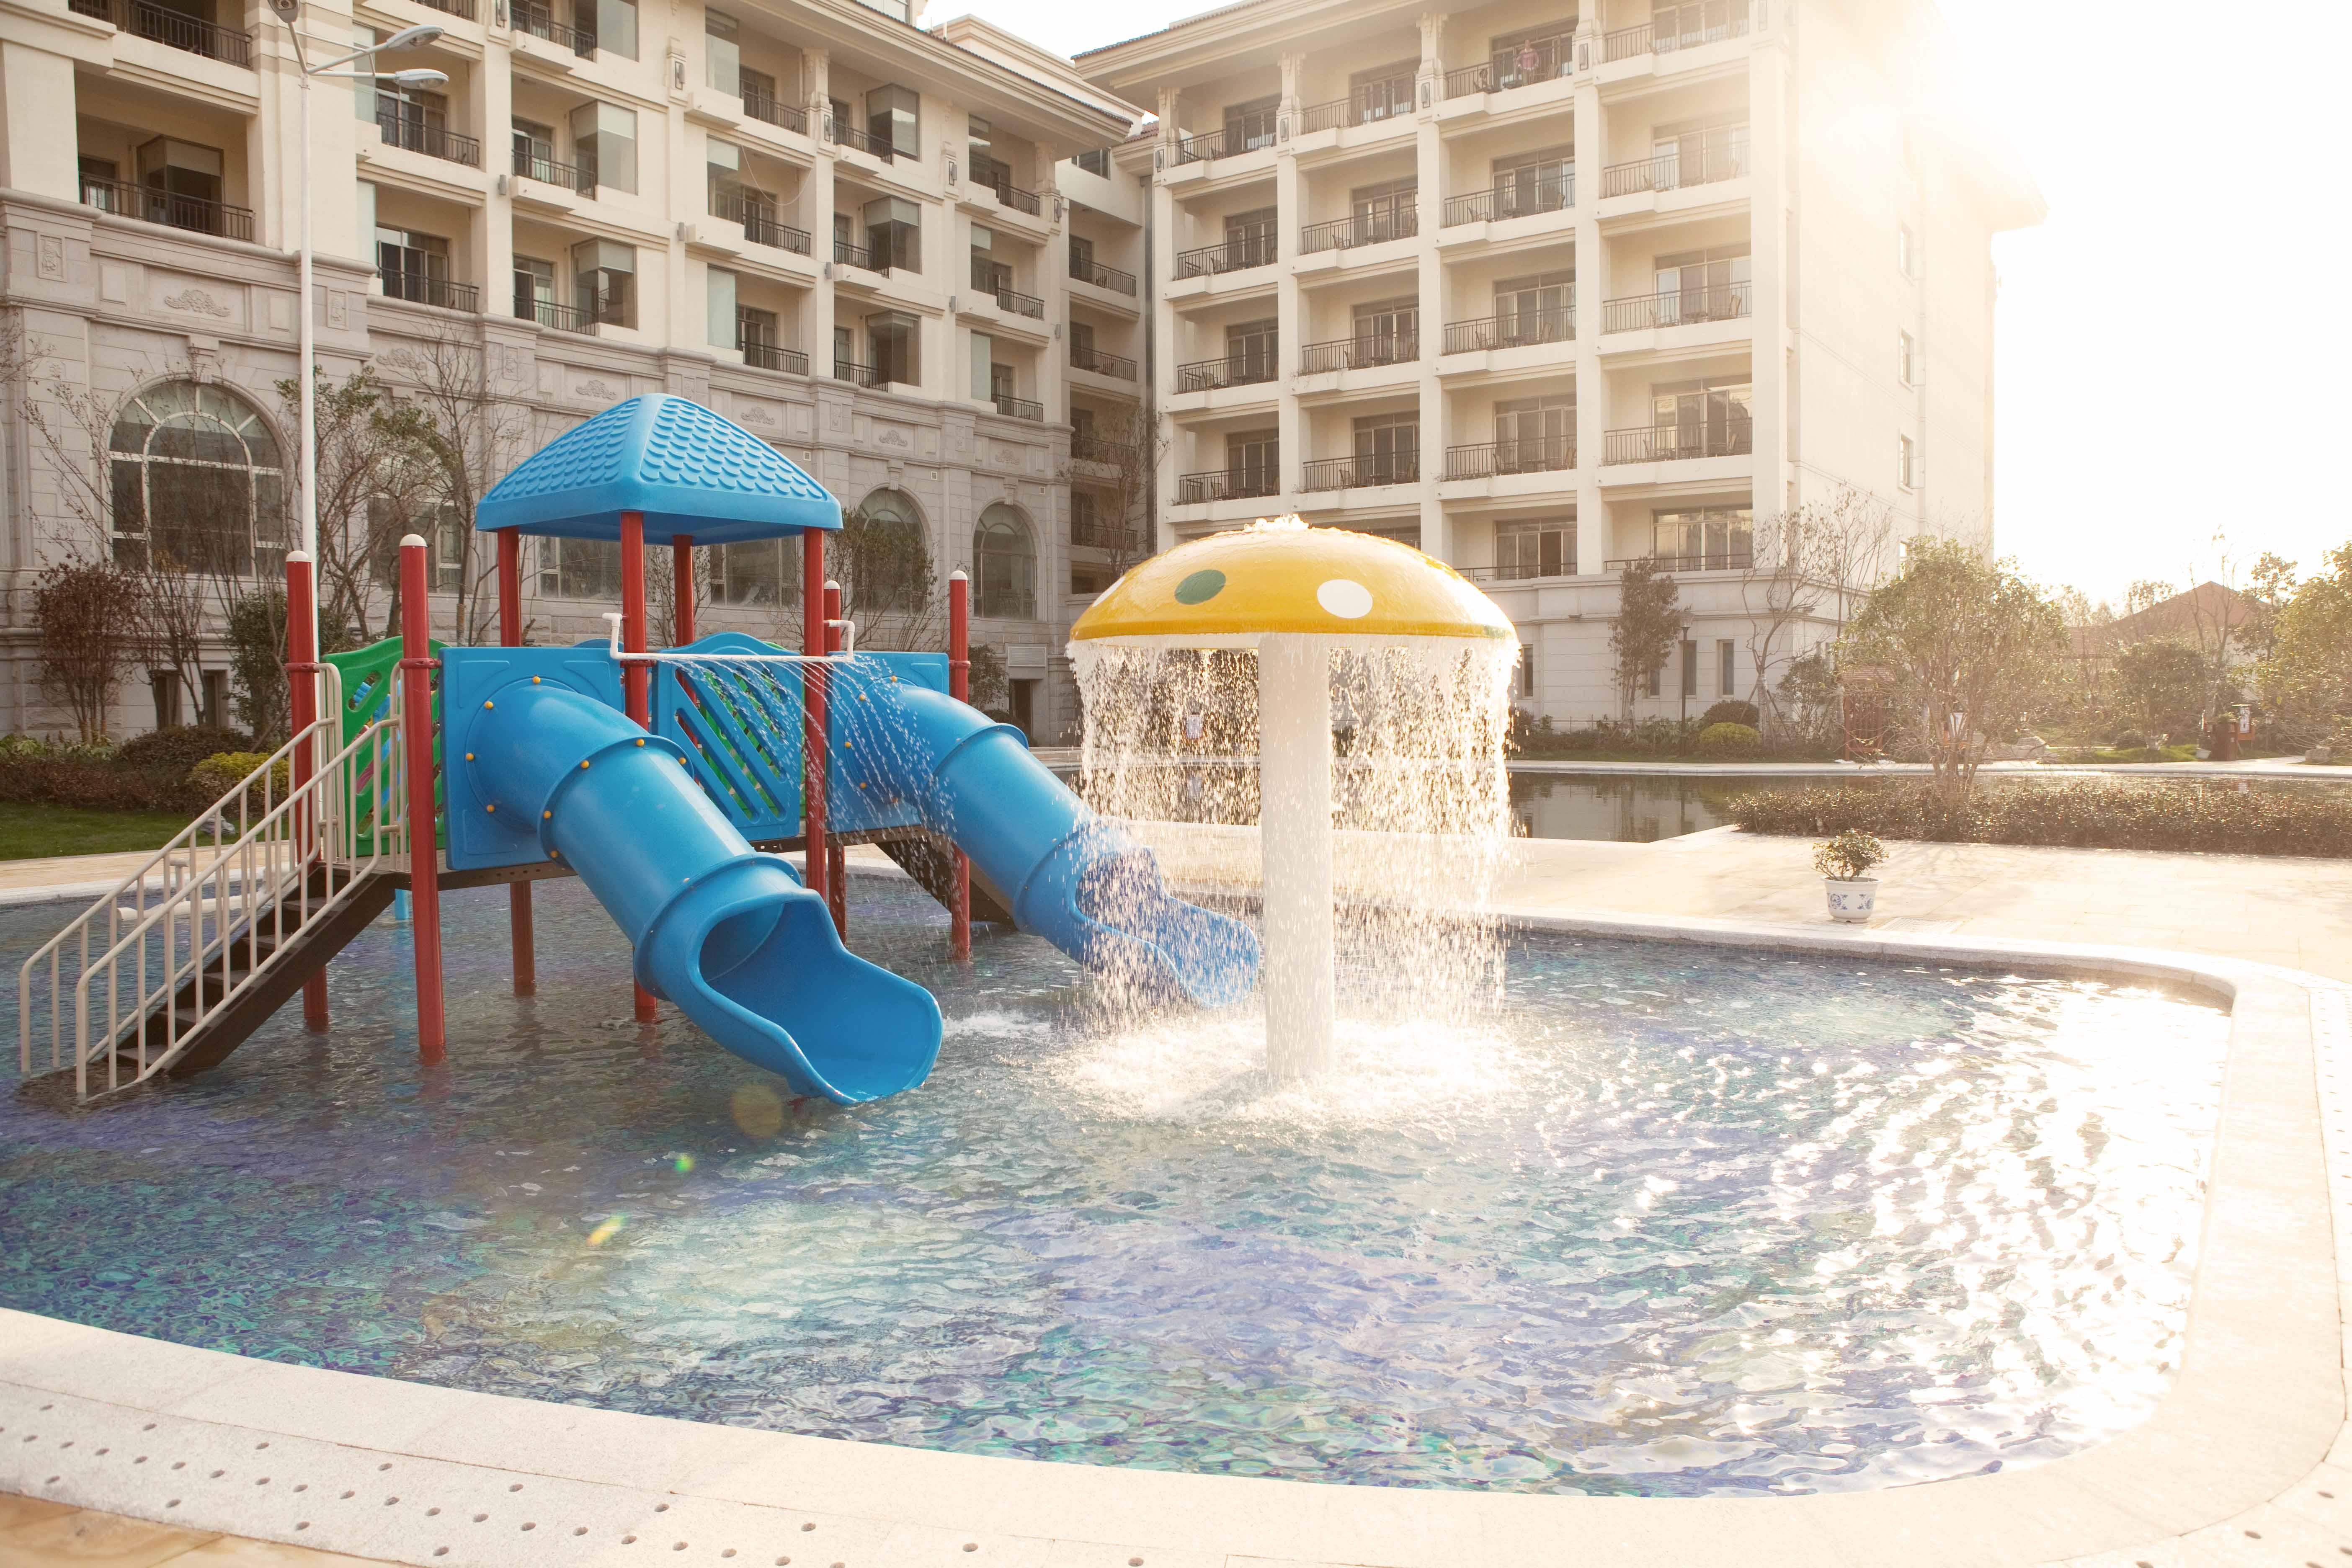 温泉-水上欢乐世界-儿童游乐池